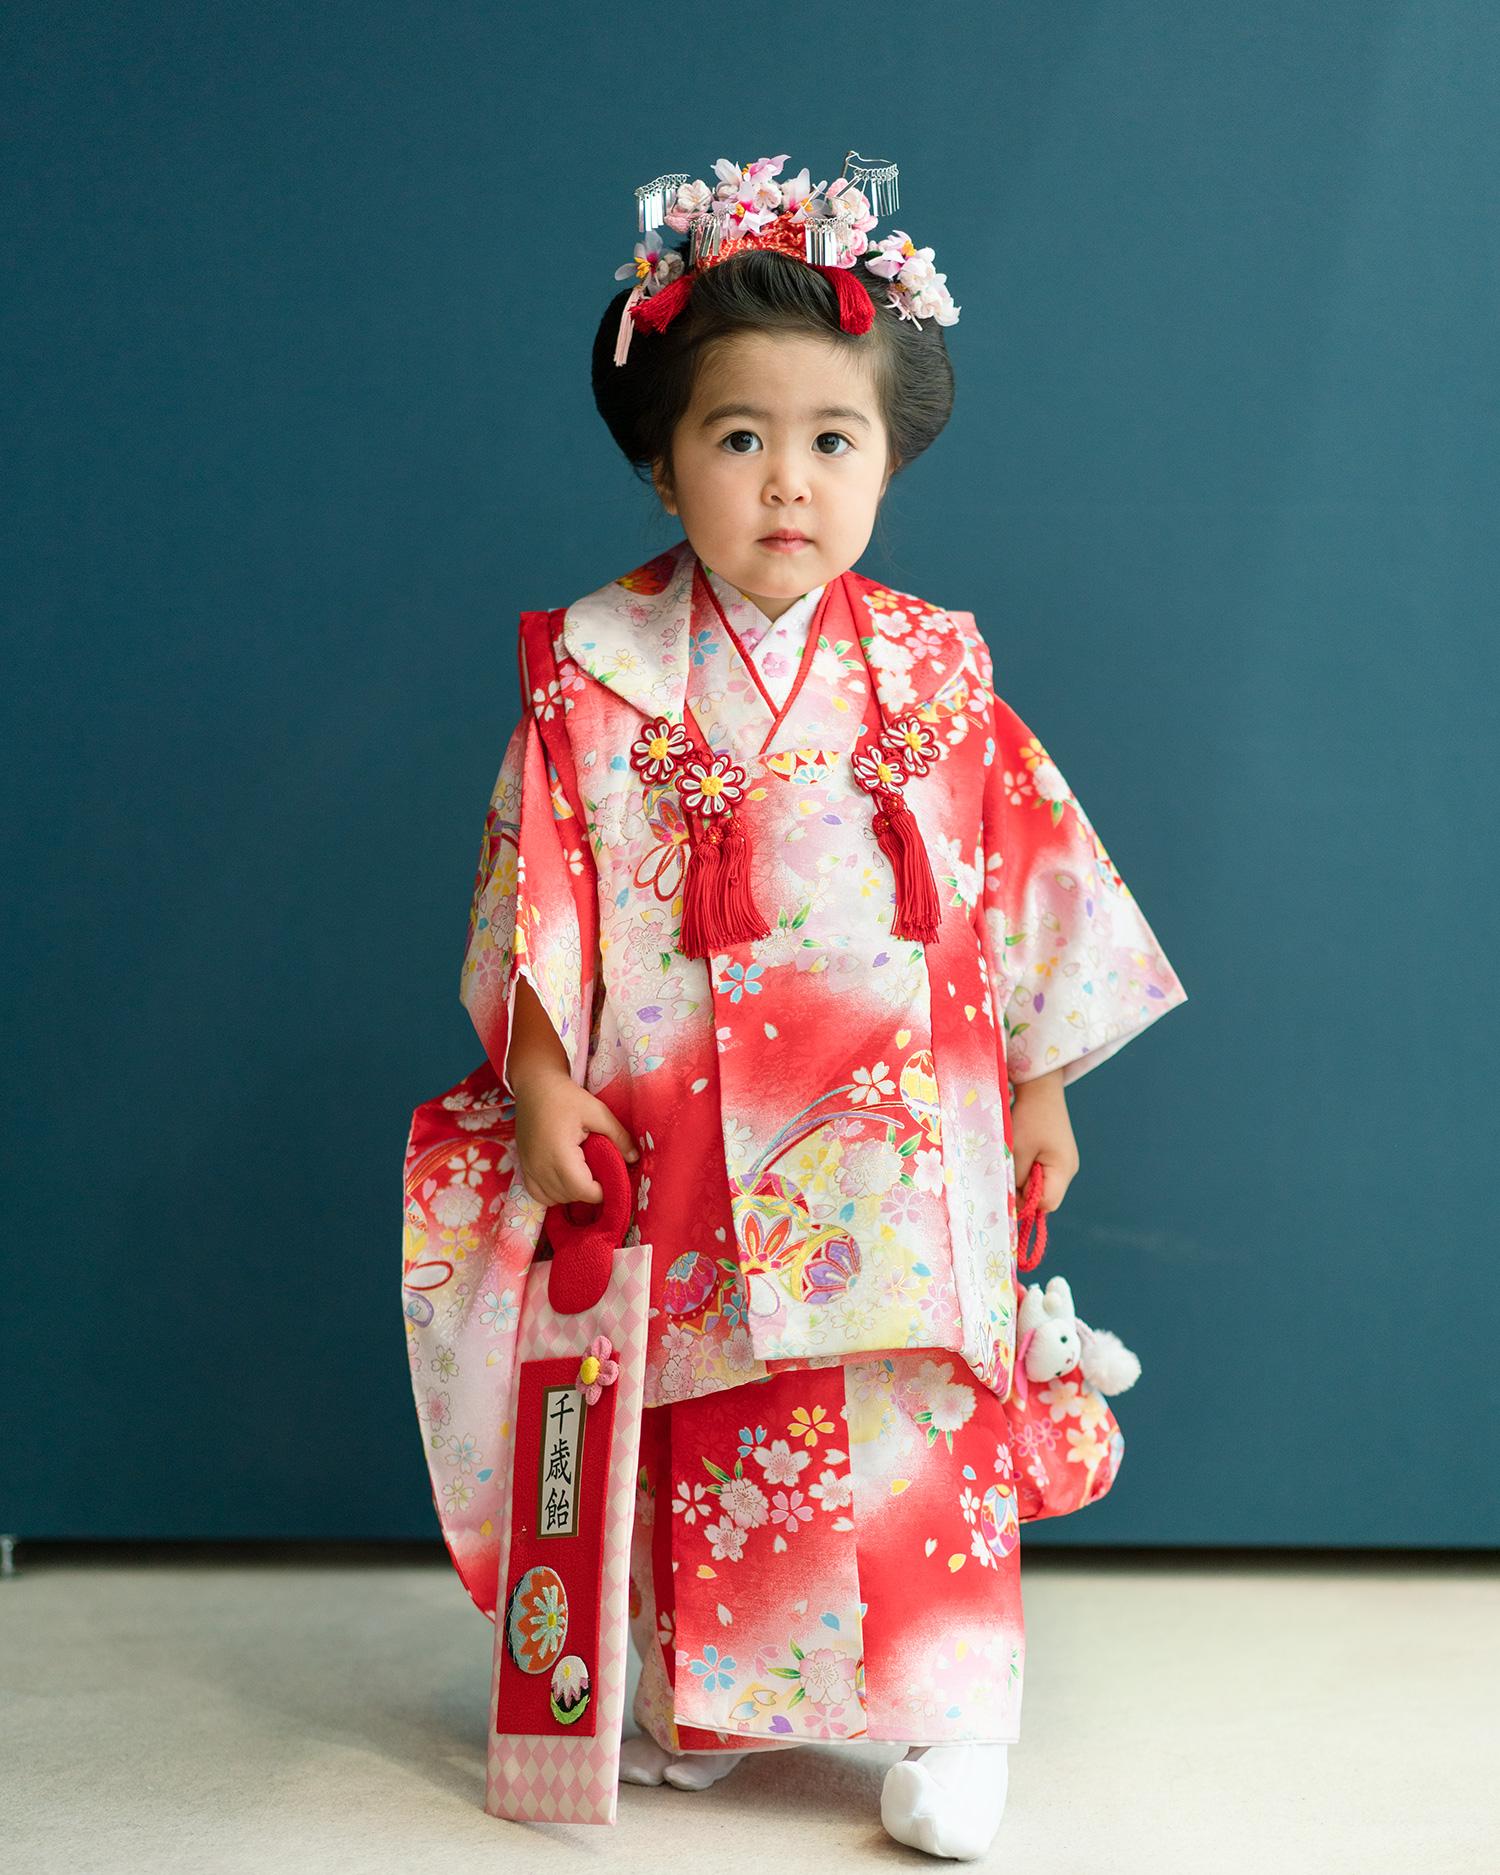 【七五三の着物レンタル】 3歳の女の子用被布セット 赤と白・ピンクのぼかし 品番:KD-24